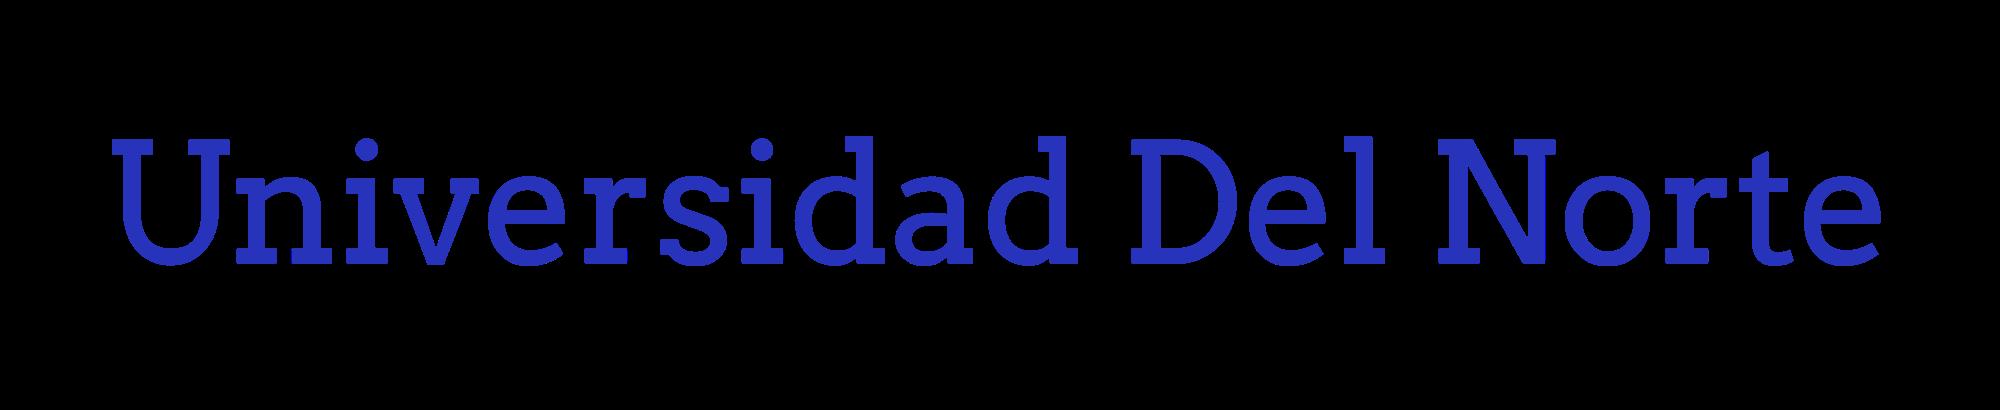 Universidad Del Norte-logo.png